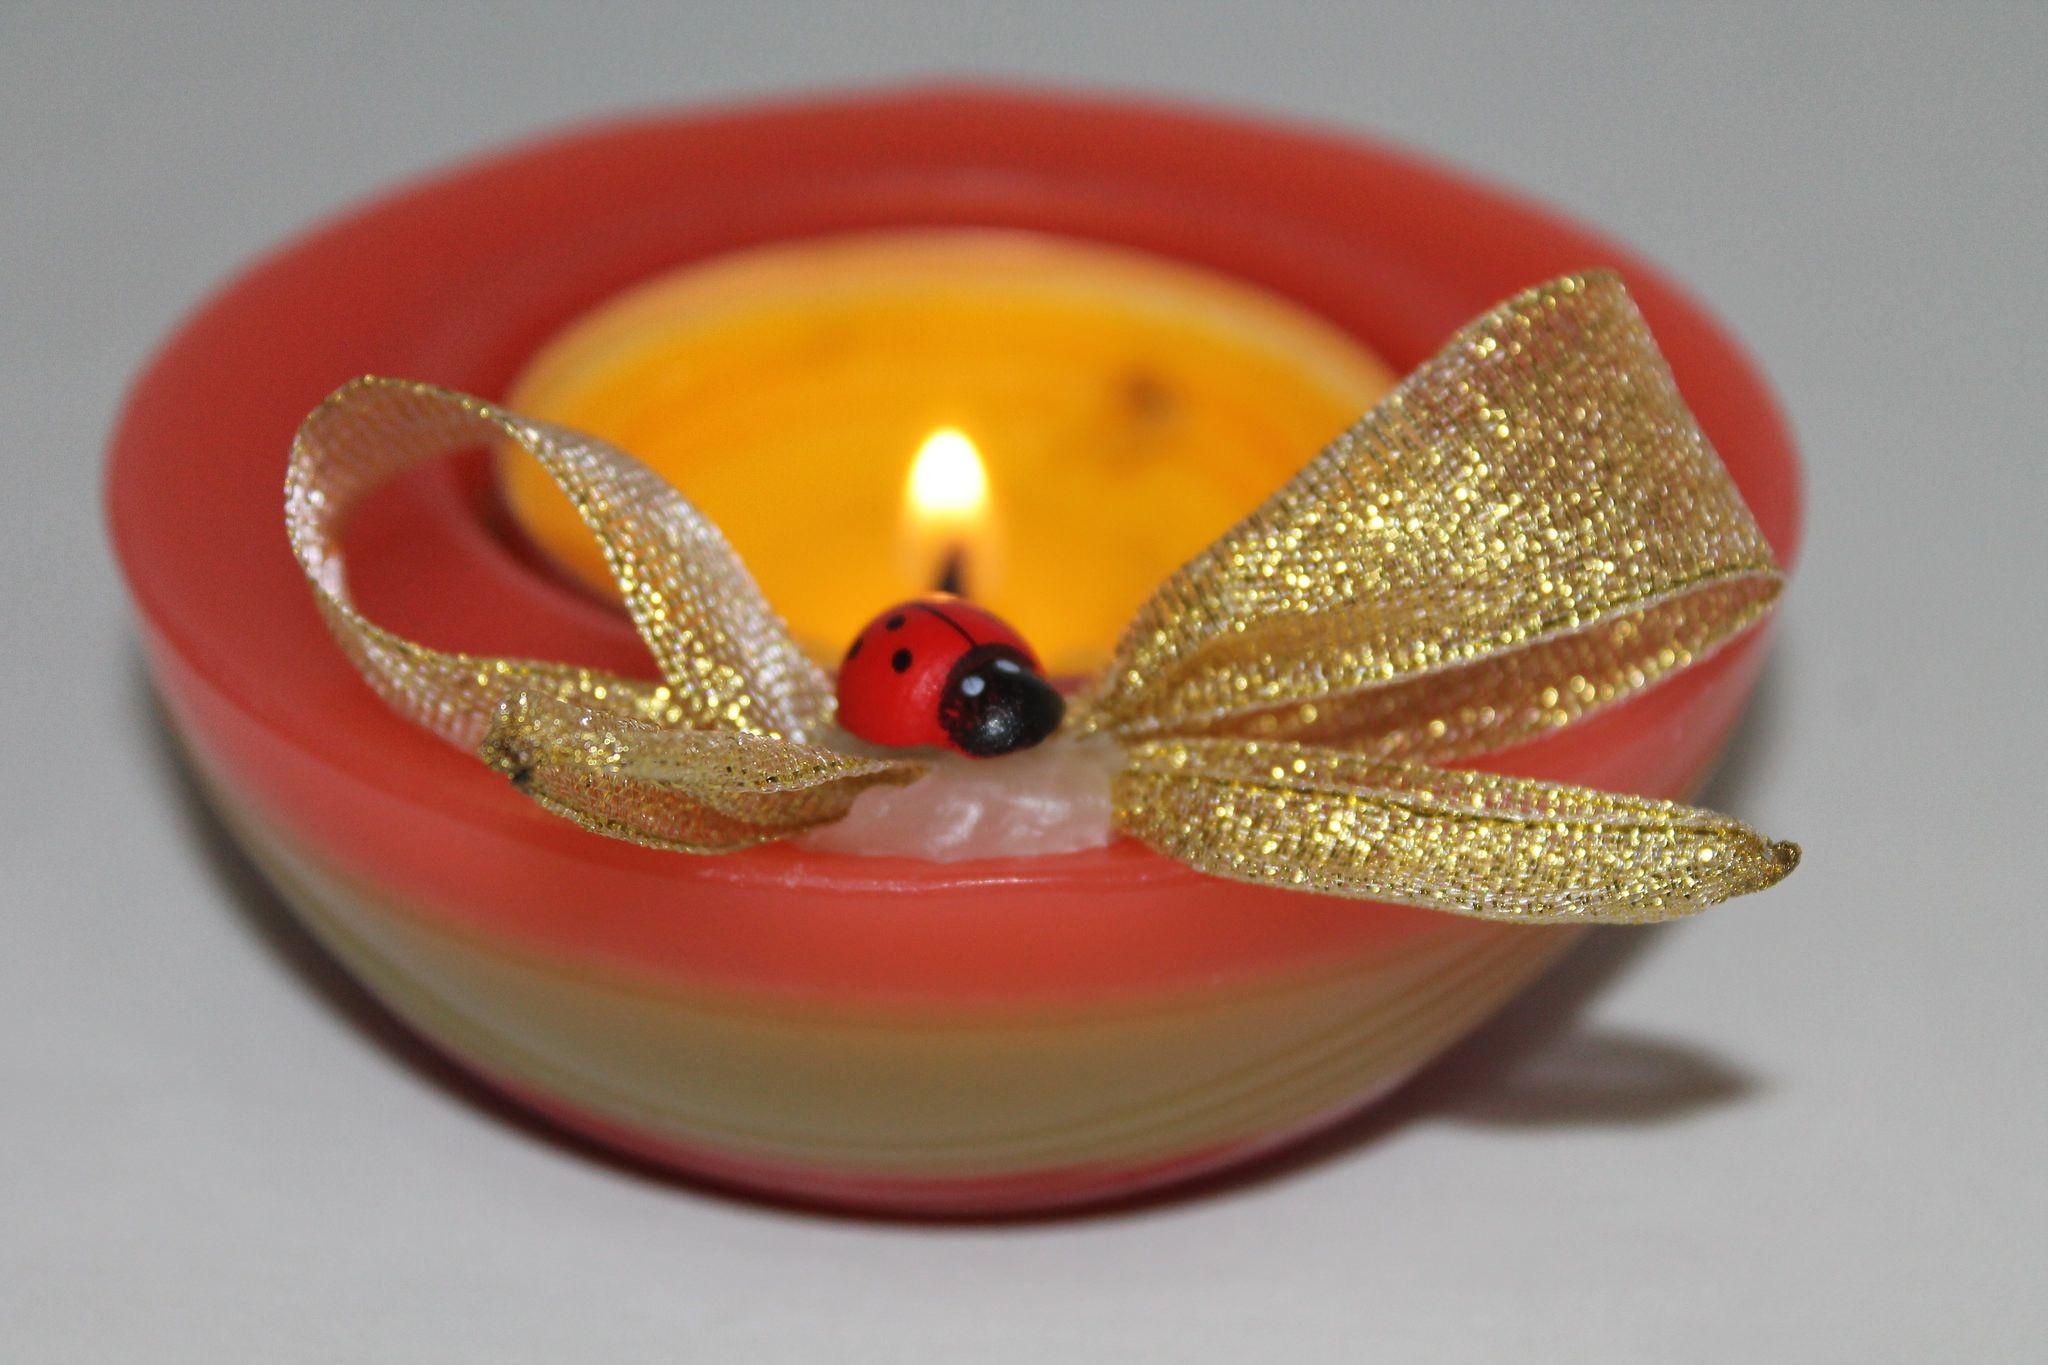 https://flic.kr/p/yY42ZV | CIOTOLA MULTICOLORE – REALIZZATA IN CERA | Ciotolina rotonda in cera, multicolore – rossa, gialla e arancione – con decorazione di nastrino dorato e coccinella portafortuna. Diametro: 100 mm. Al profumo 100% naturale di arancio dolce.  Oggetto artigianale, realizzato in cera.  Per saperne di più visita il sito:  www.ilmiomondoincera.com